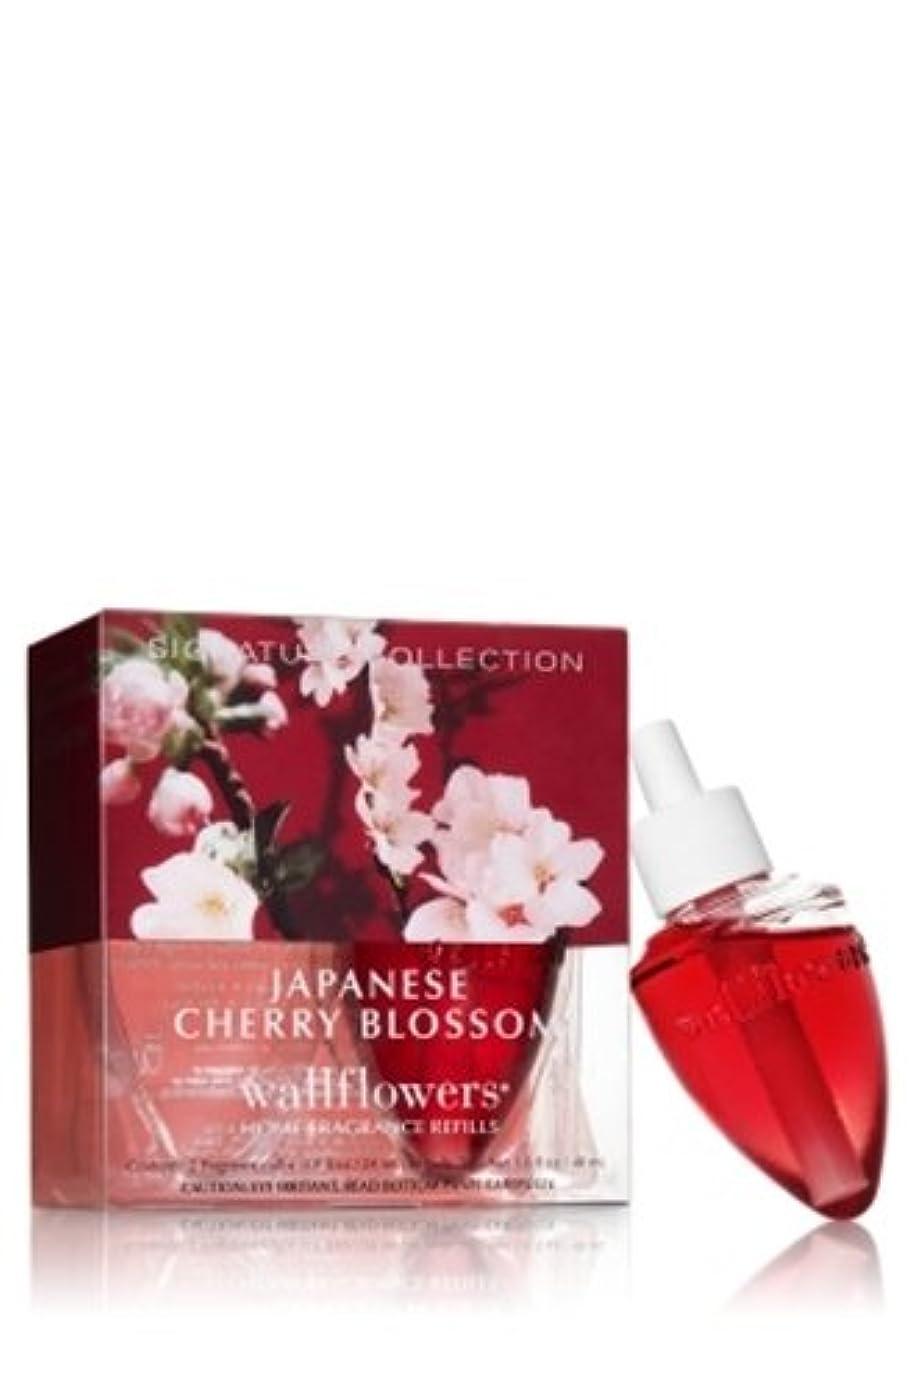 リングレットレギュラー典型的なBath & Body Works(バス&ボディワークス)ジャパニーズチェリーブロッサム ホームフレグランス レフィル2本セット(本体は別売りです)Japanese Cherry Blossom Wallflowers 2Pack Refill [並行輸入品]